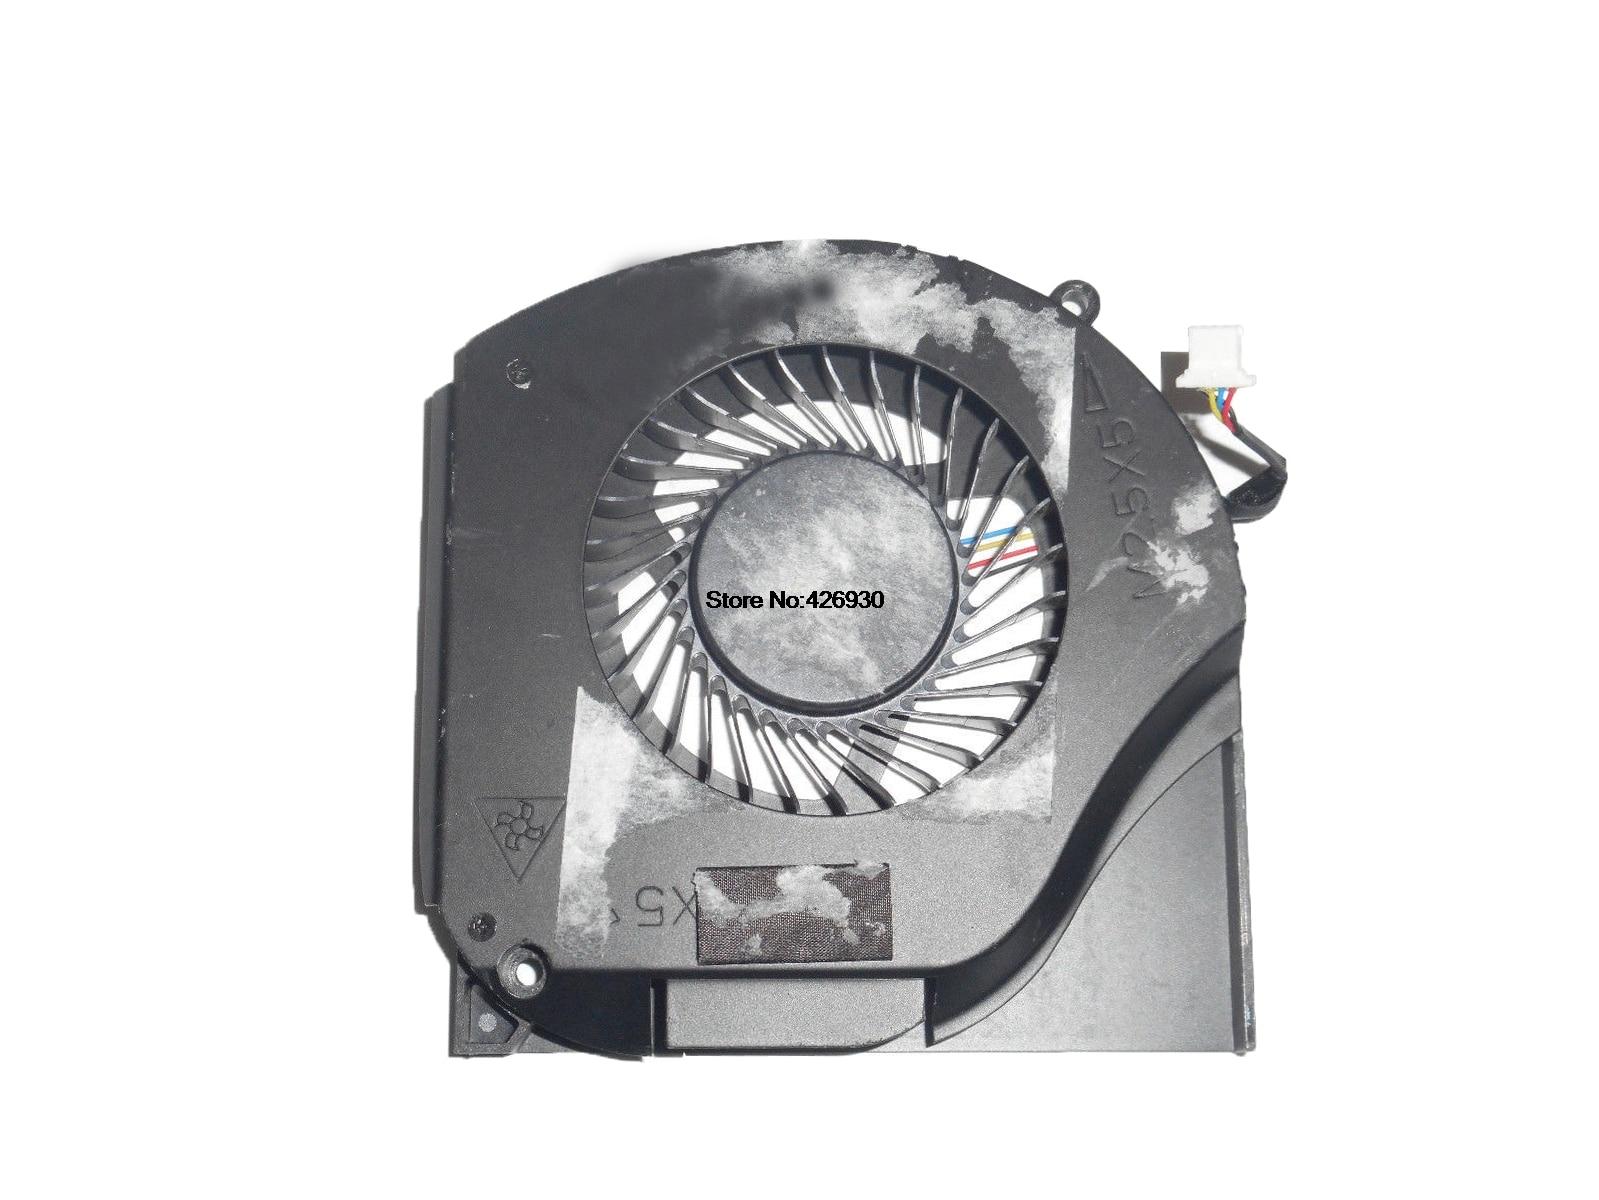 Laptop Palmrest for DELL Alienware 17 R4 P31E AP1QB000410 0K3Y92 K3Y92 Black Upper case